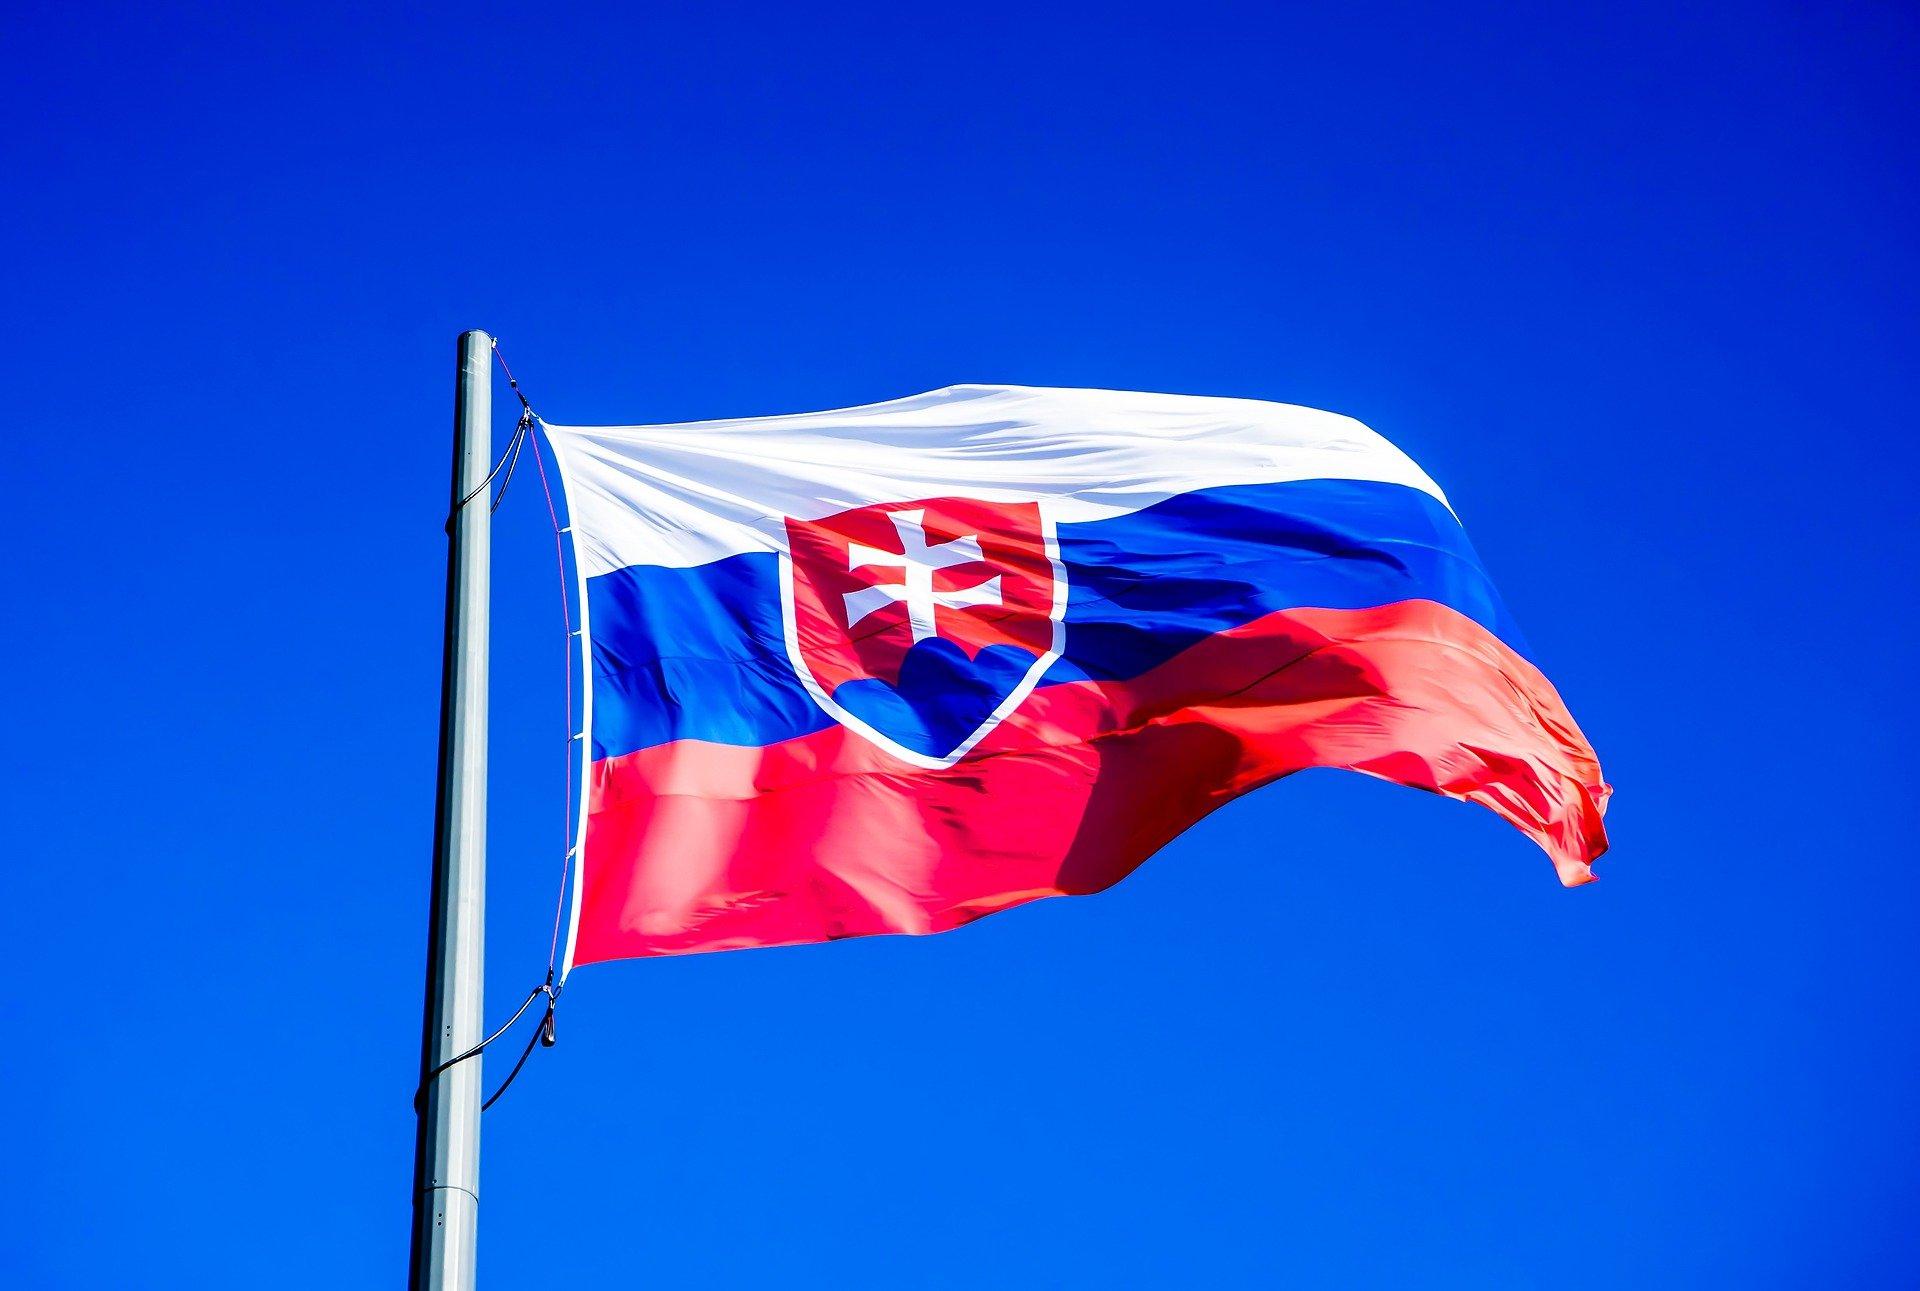 Глава МИД Словакии призвал ЕС остановить негативное развитие отношений с Россией